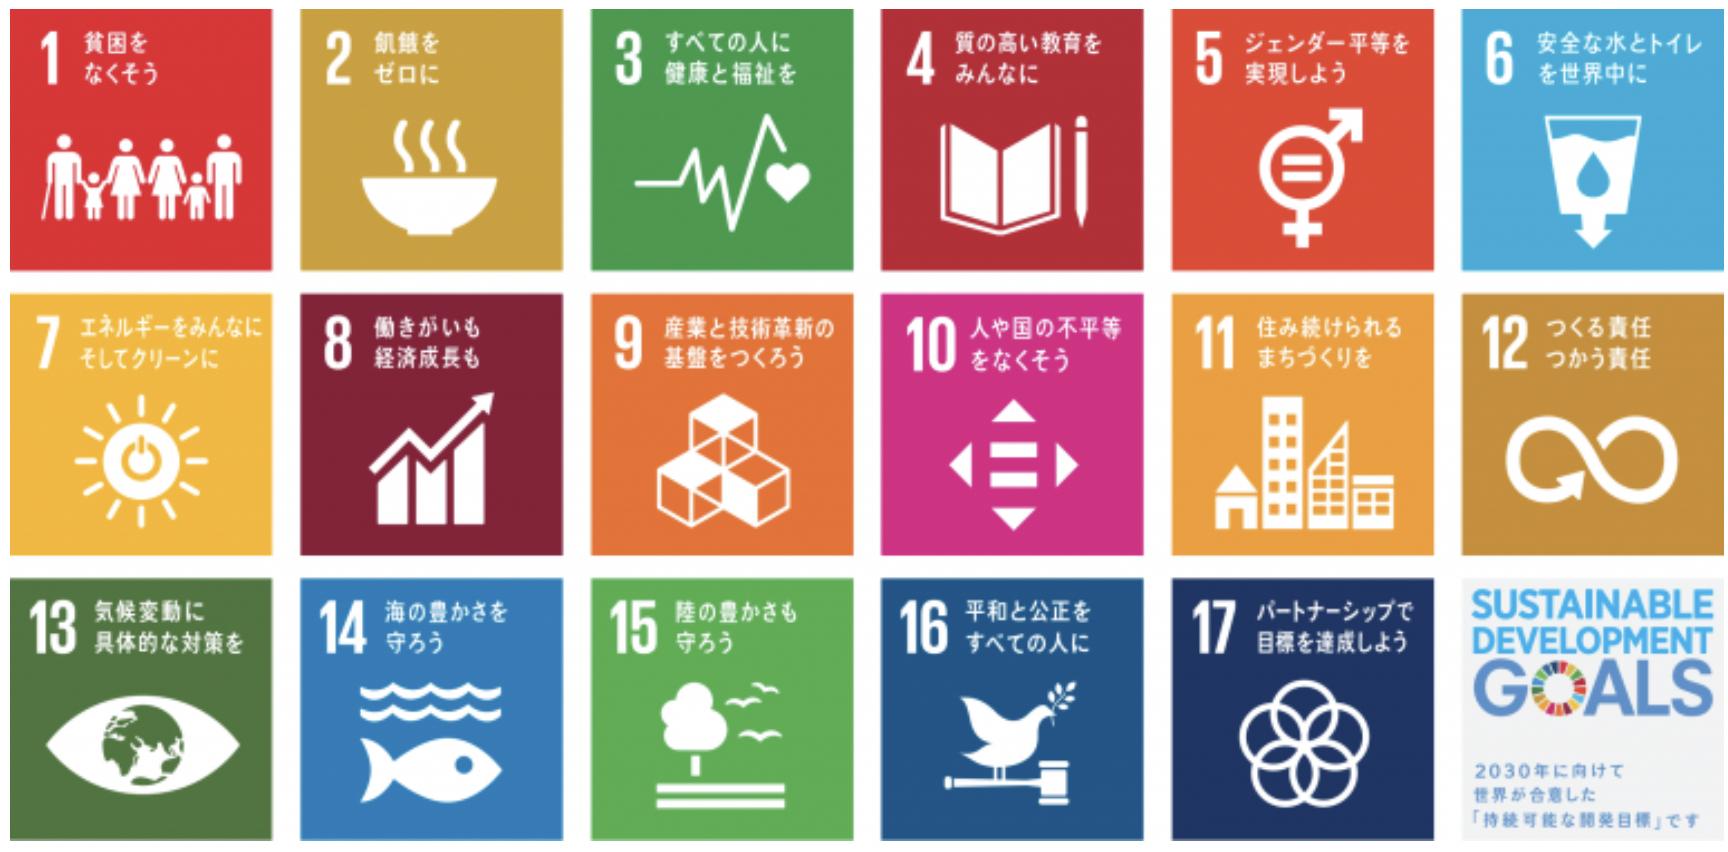 「【SDGs】渋沢栄一考 「逆境とは何か」」のアイキャッチ画像